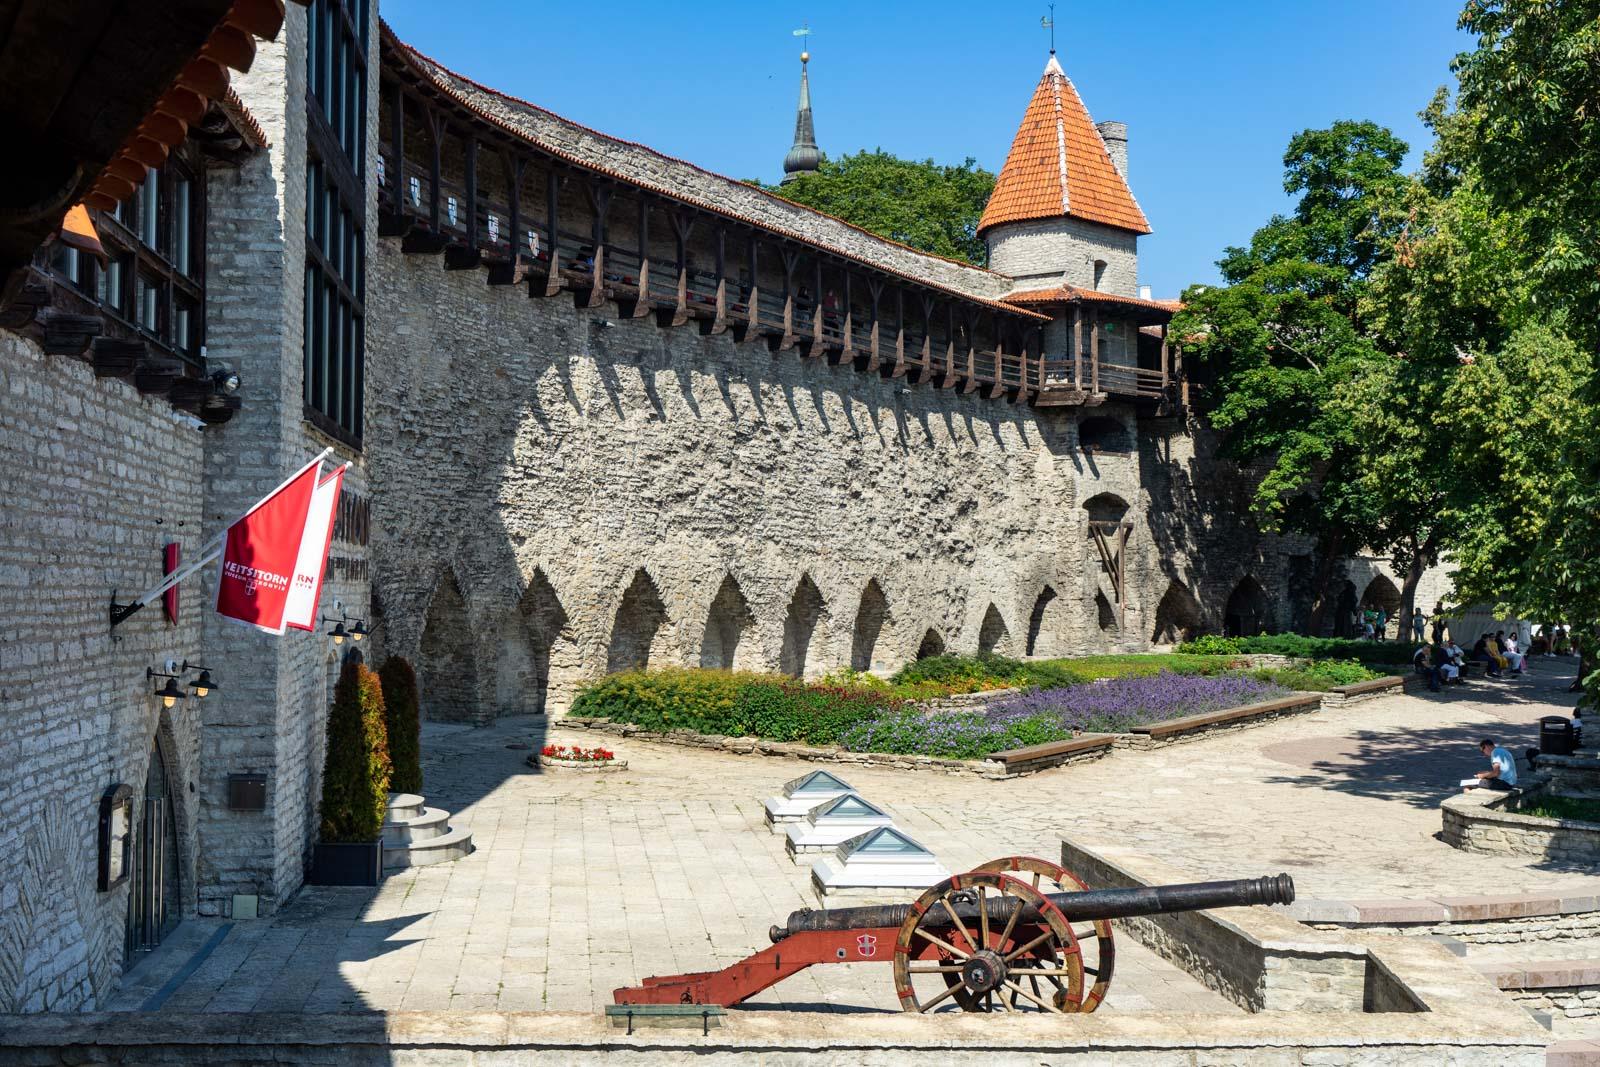 Maiden's Tower, Tallinn, Estonia